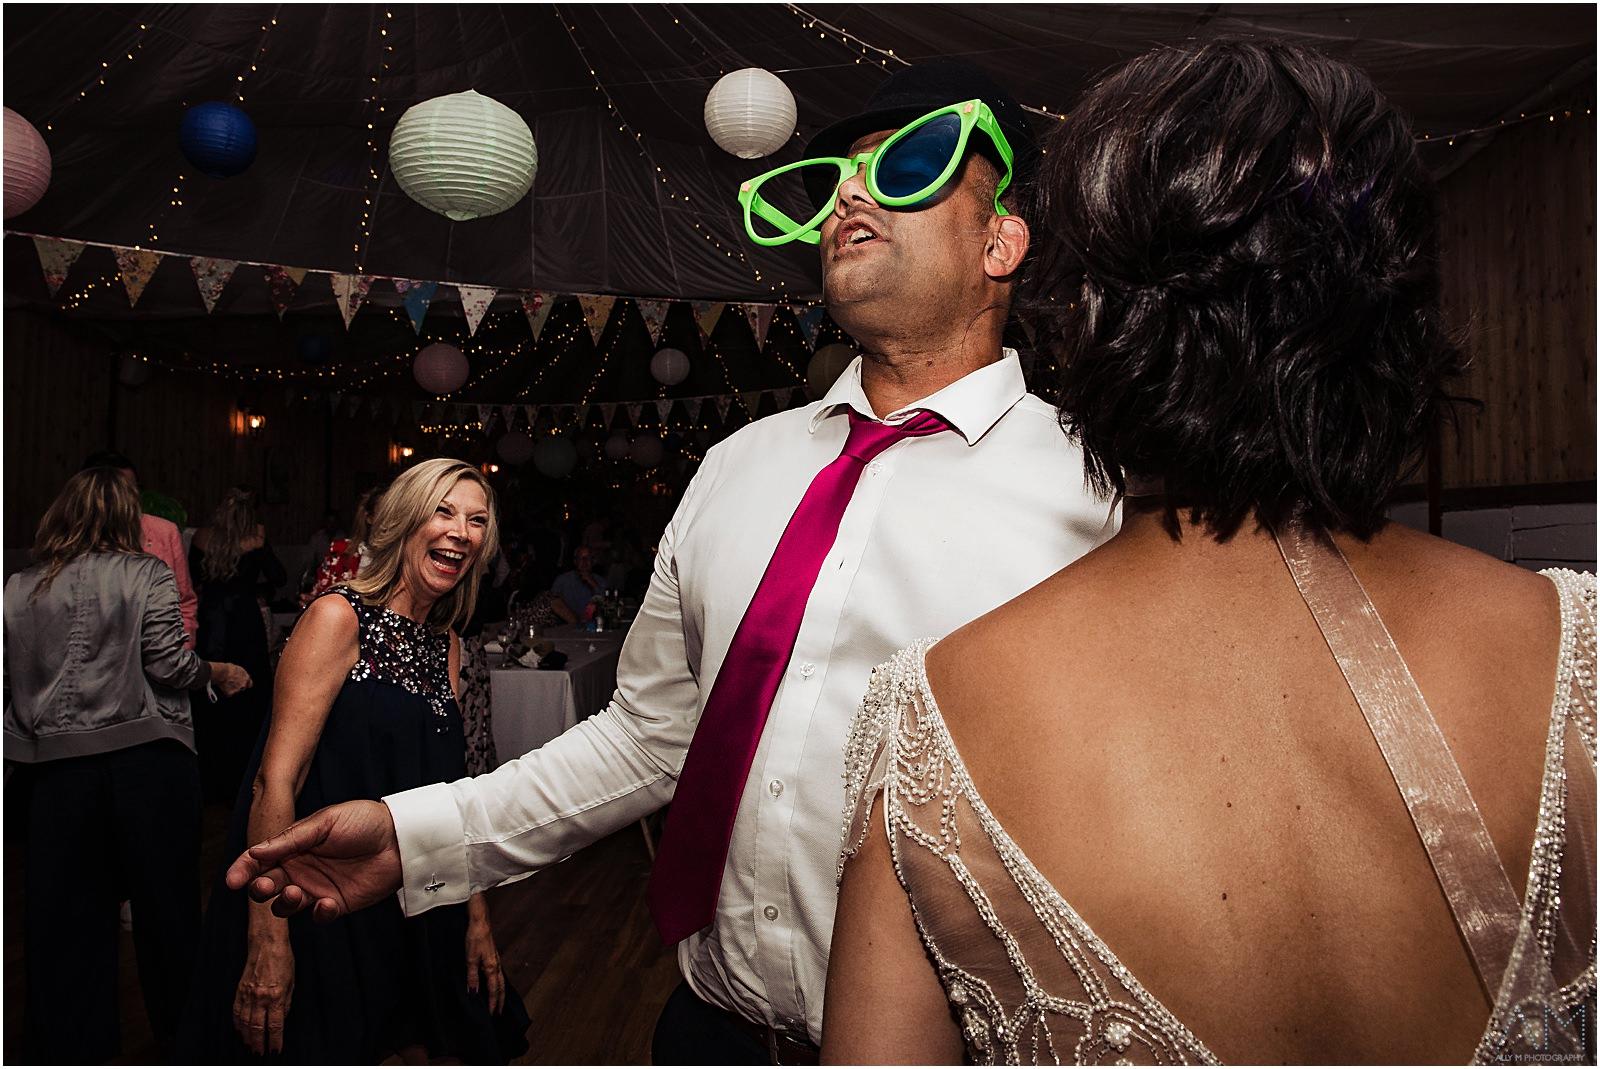 Dancing in fancy dress